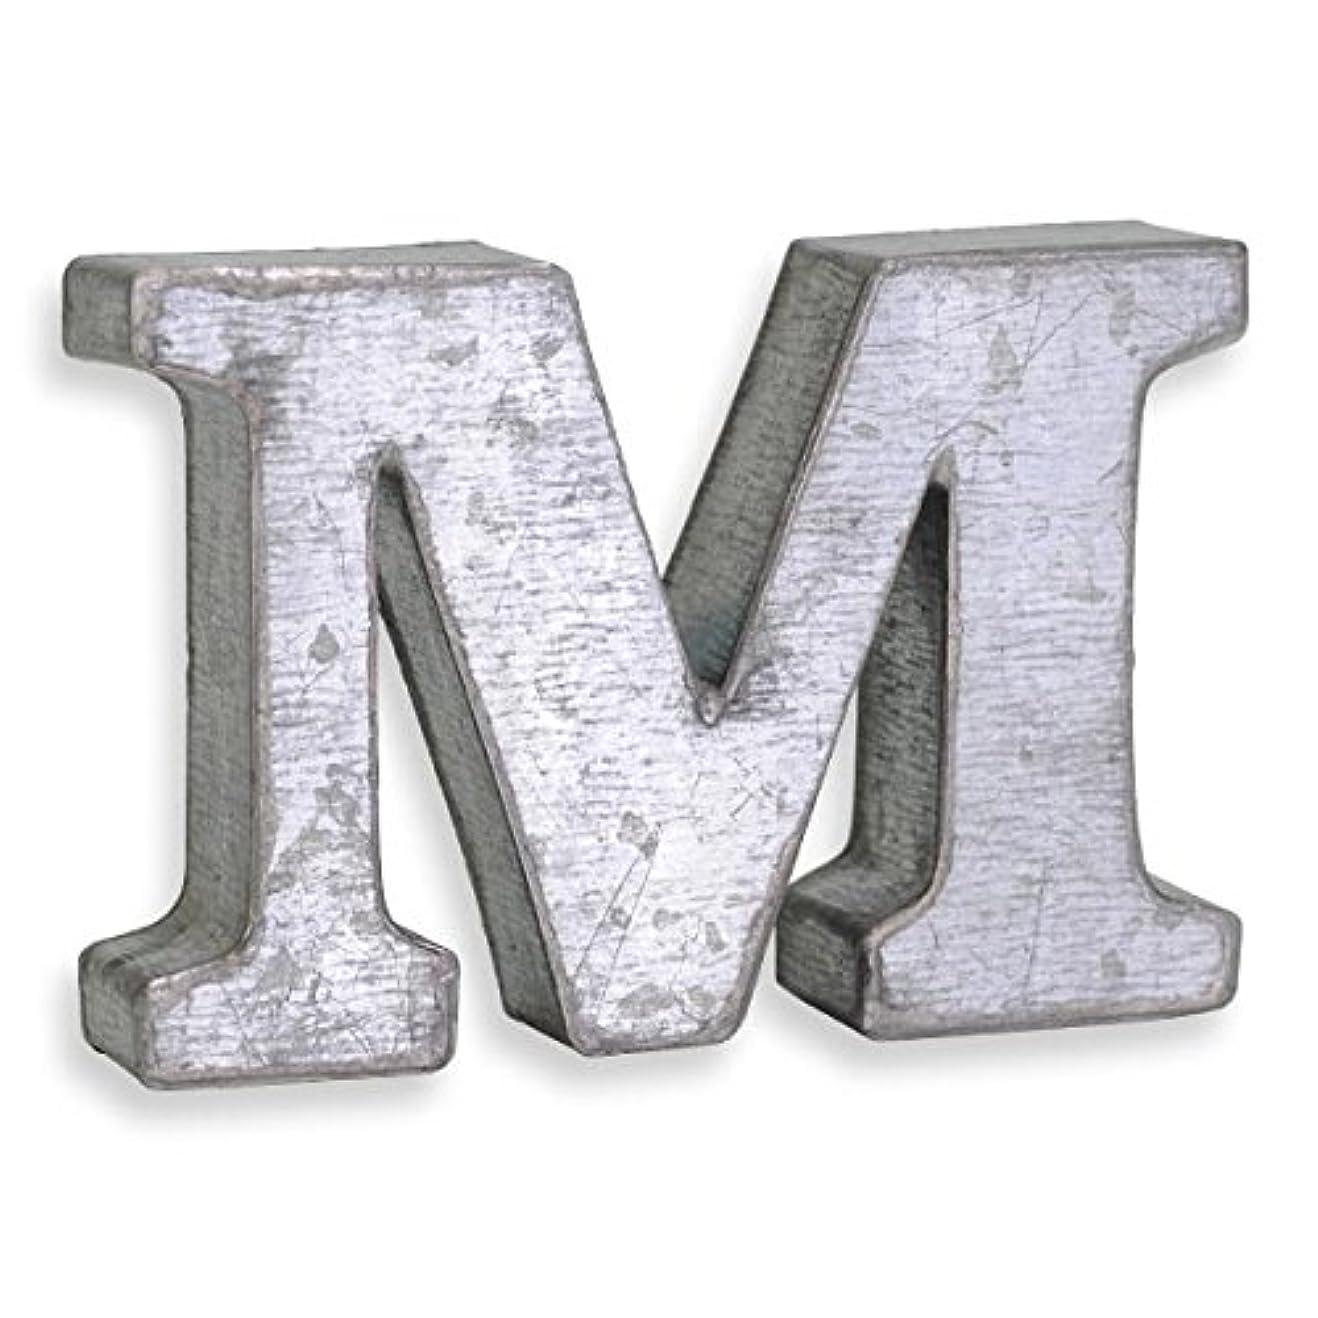 説教するありふれたイソギンチャクアルファベット ブリキ文字 ミニP.C.M 箱文字